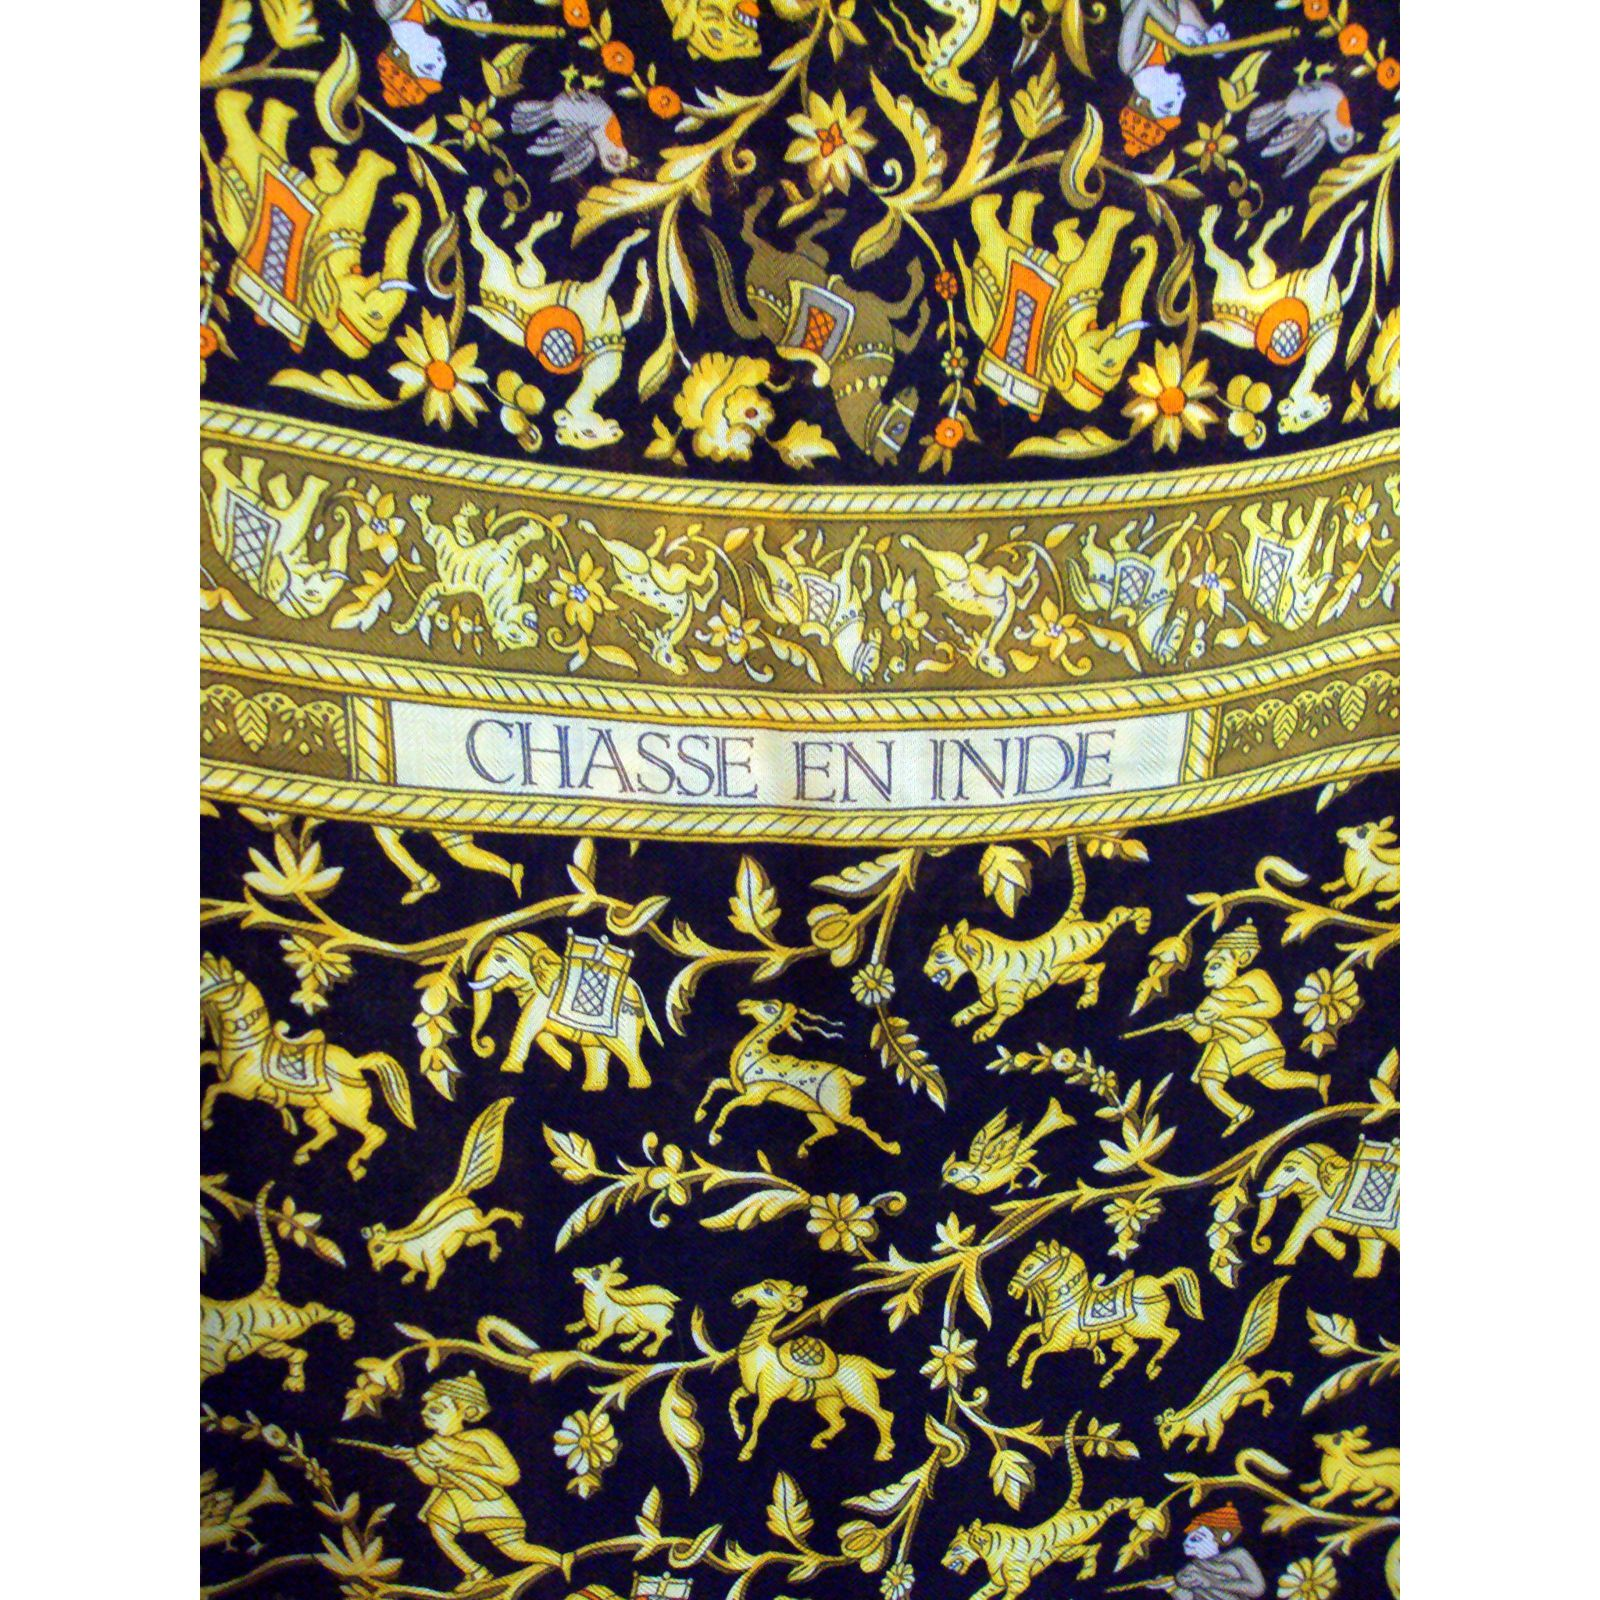 Prix echarpe cachemire inde - Idée pour s habiller 9c4a85a758d